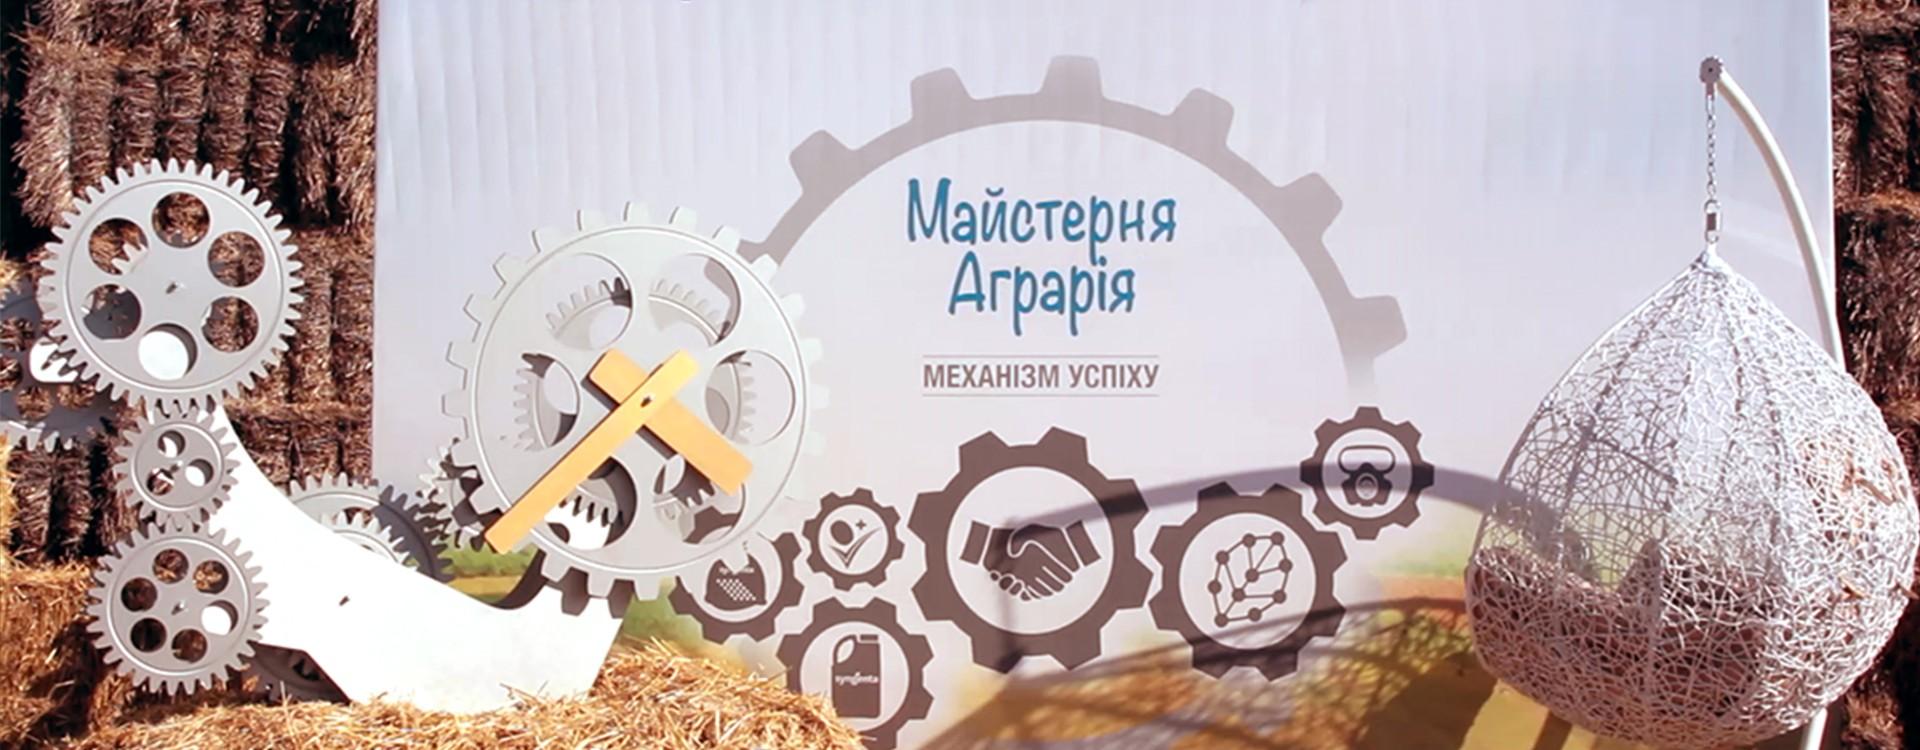 «Майстерня аграрія» | Розповідає маркетолог Південного регіону компанії «Сингента» Сергій Кіщенко